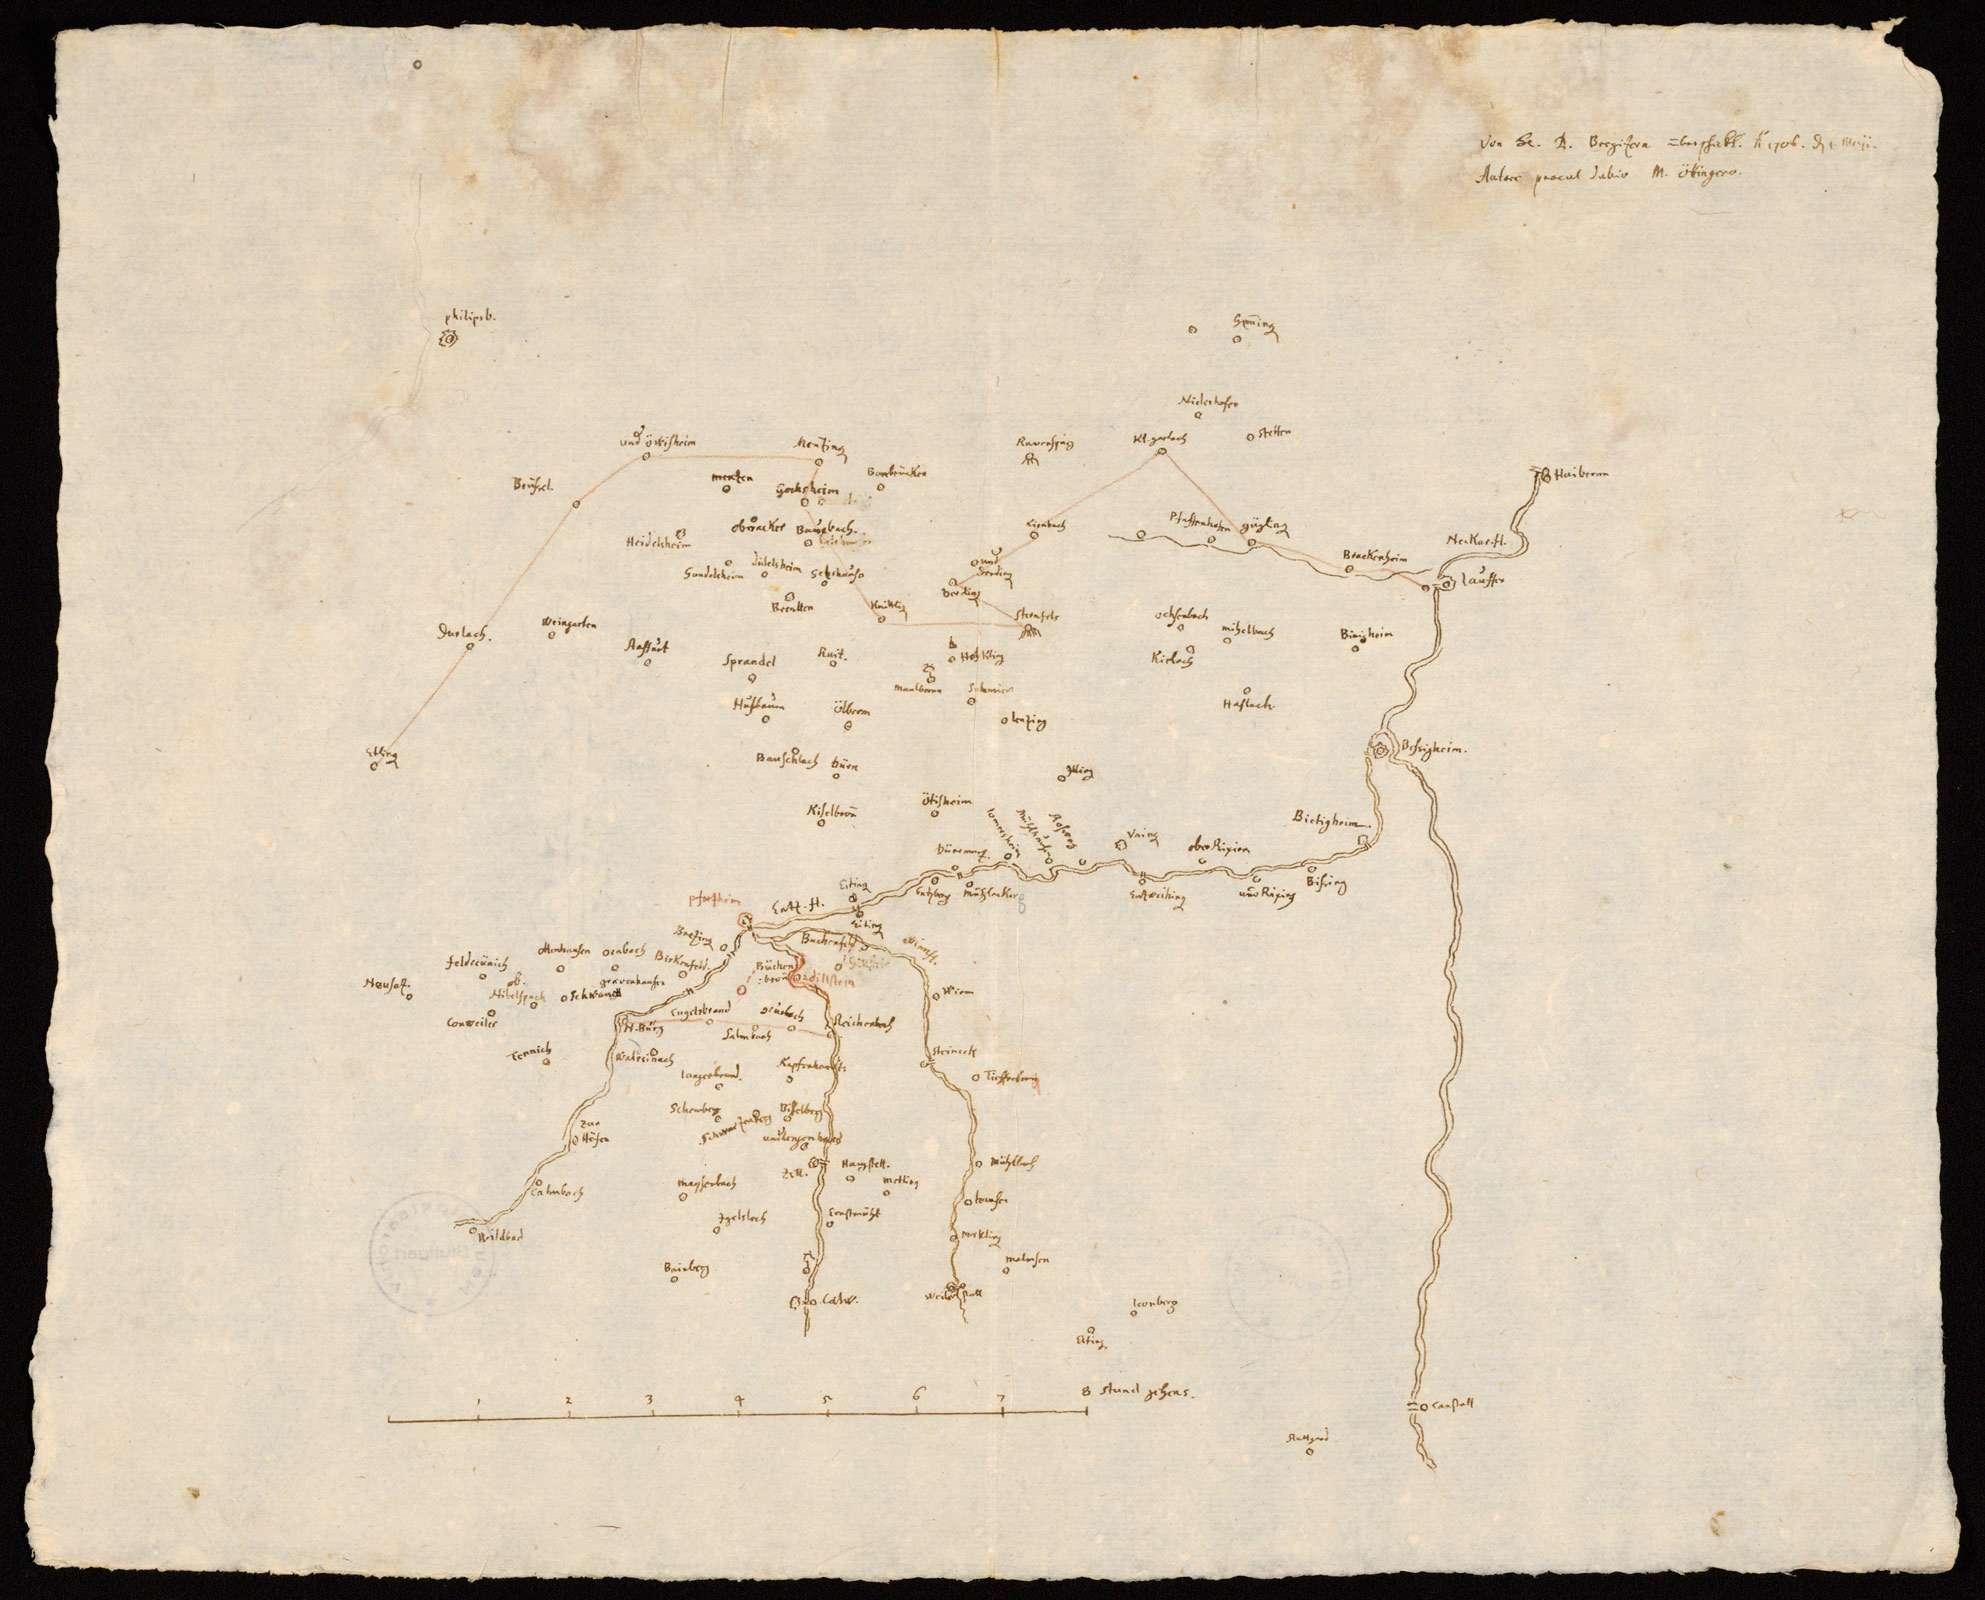 """[Karte des nördlichen Schwarzwalds und des Kraichgaus mit dem Zabergäu] """"Entz und Nagoldt"""" [Rückseitentitel von Hand des 18. Jhs.], Bild 1"""